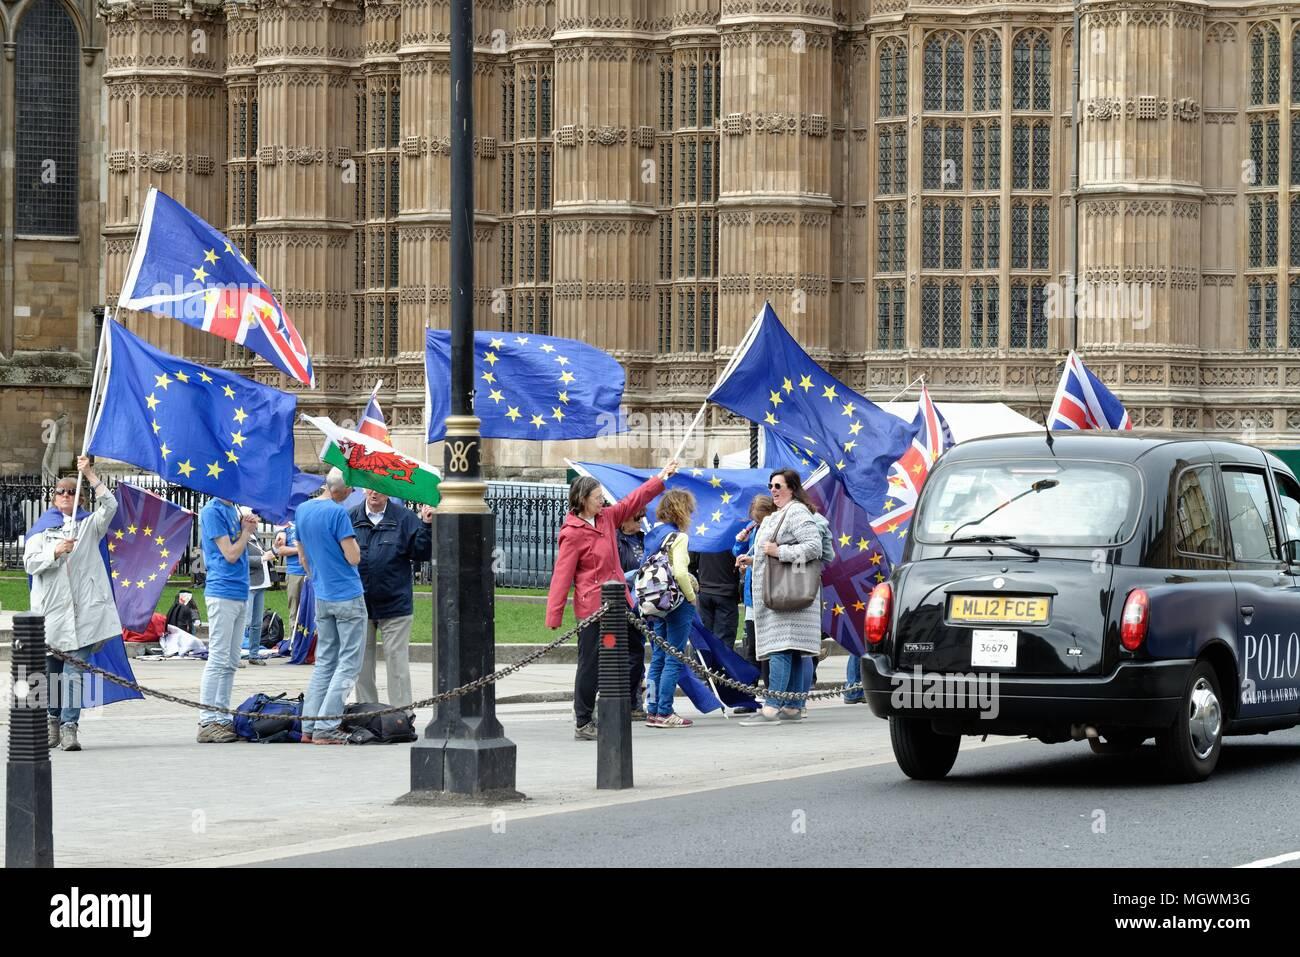 Siendo activistas protestando fuera de las Casas del Parlamento, el centro de Londres, Inglaterra Imagen De Stock